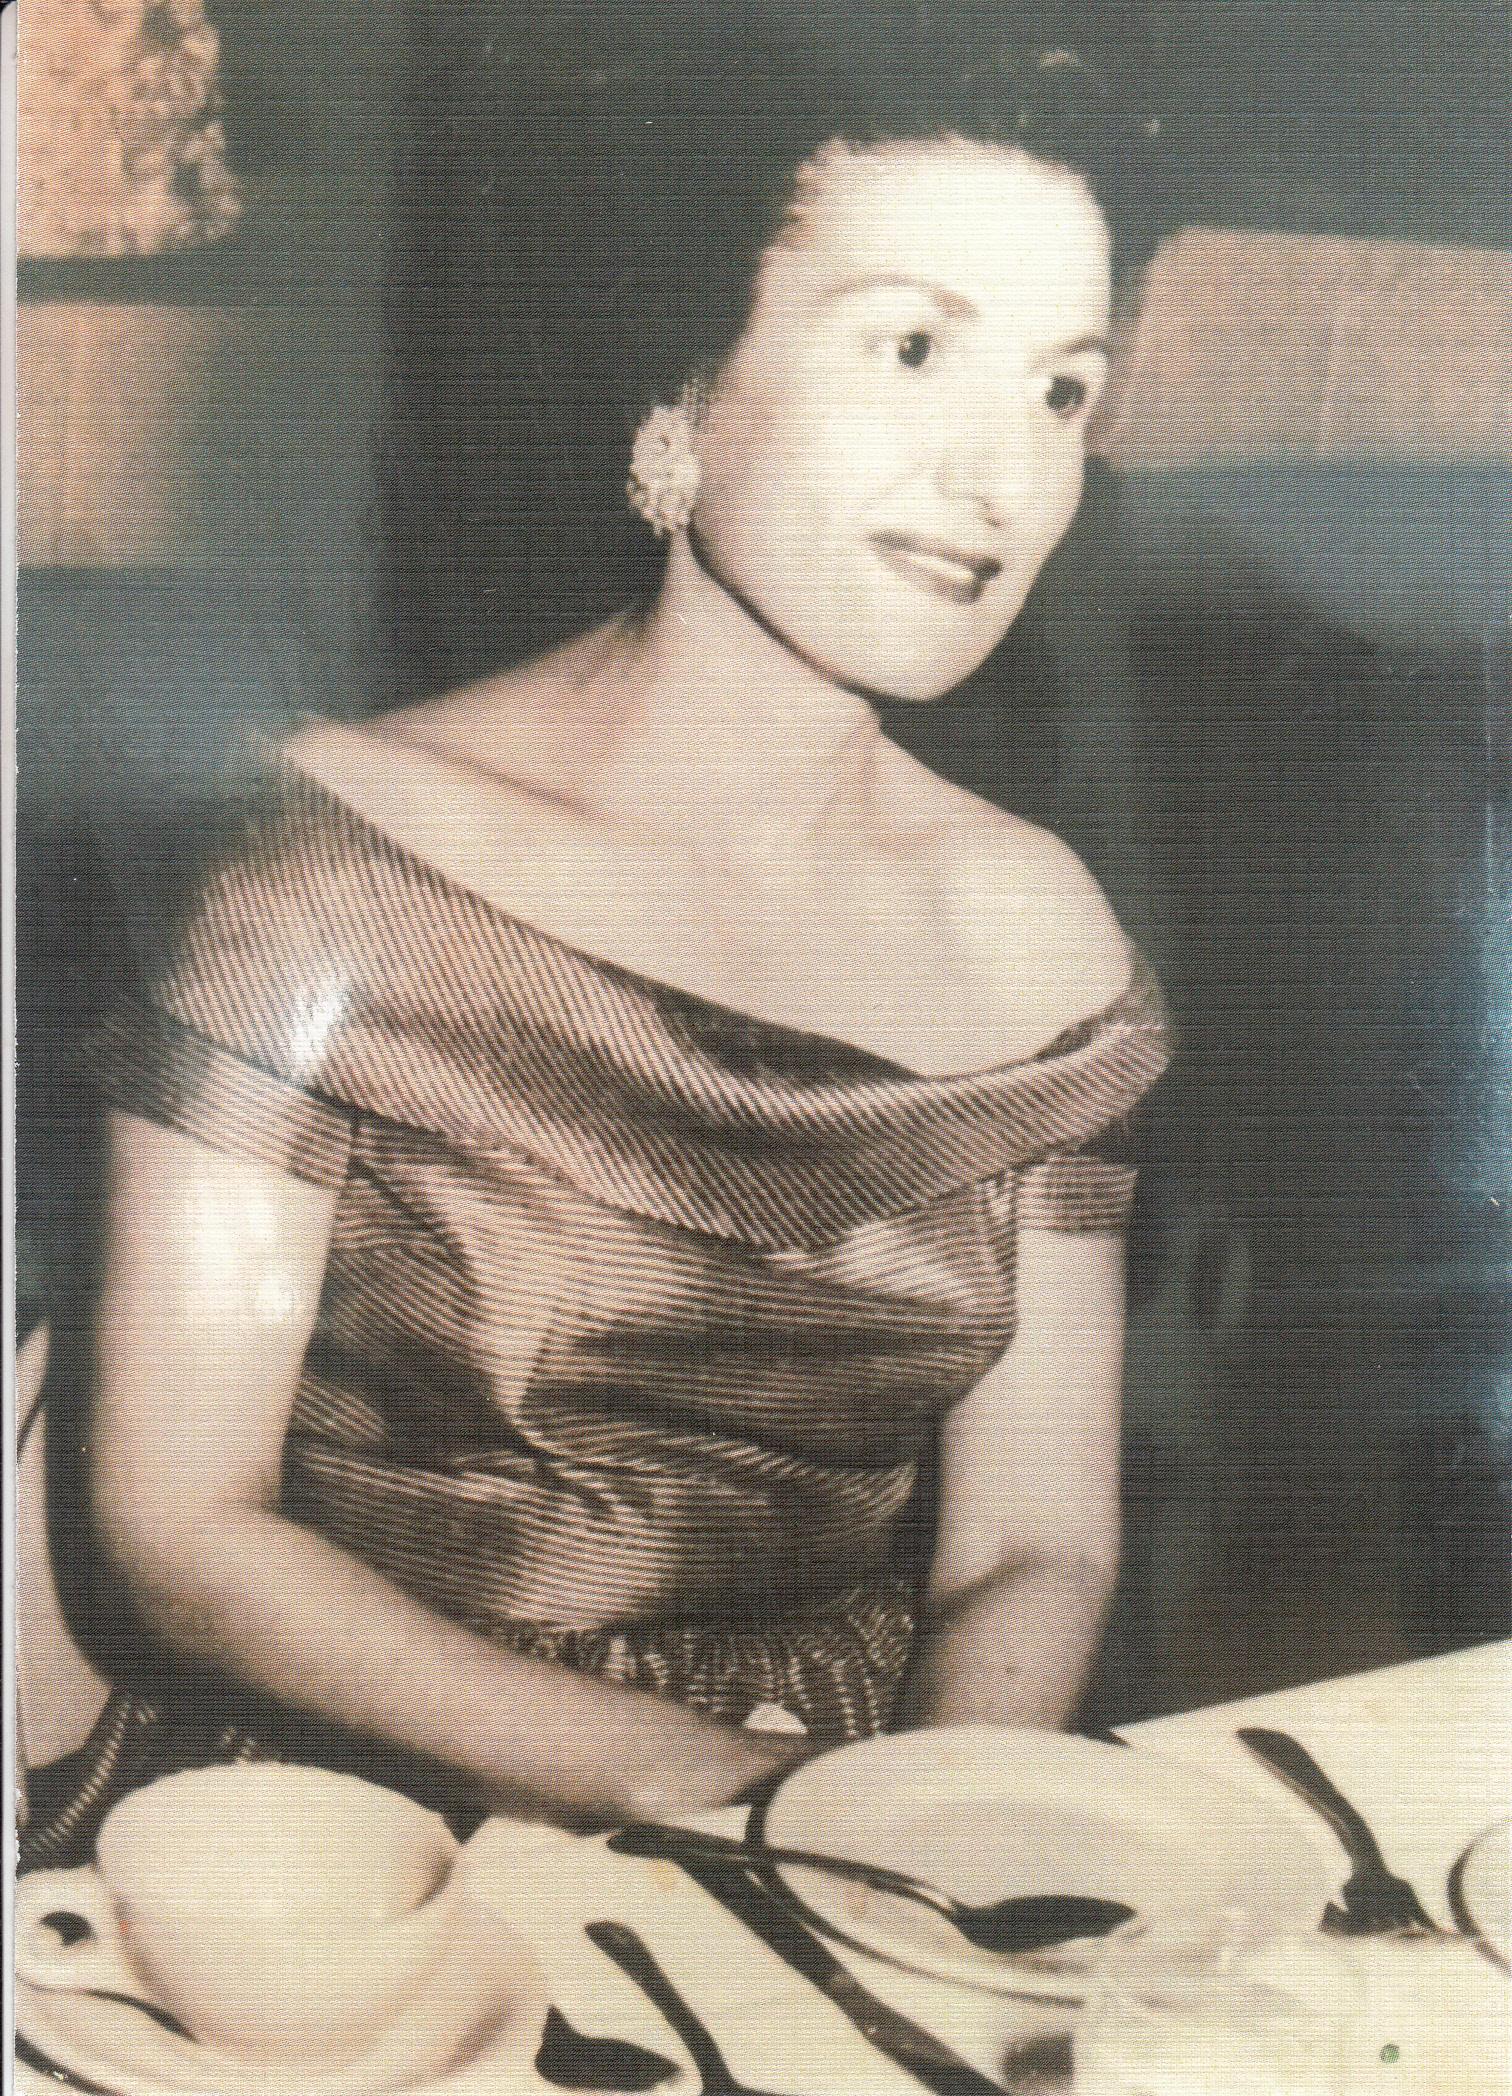 Jacqueline  DiMenna